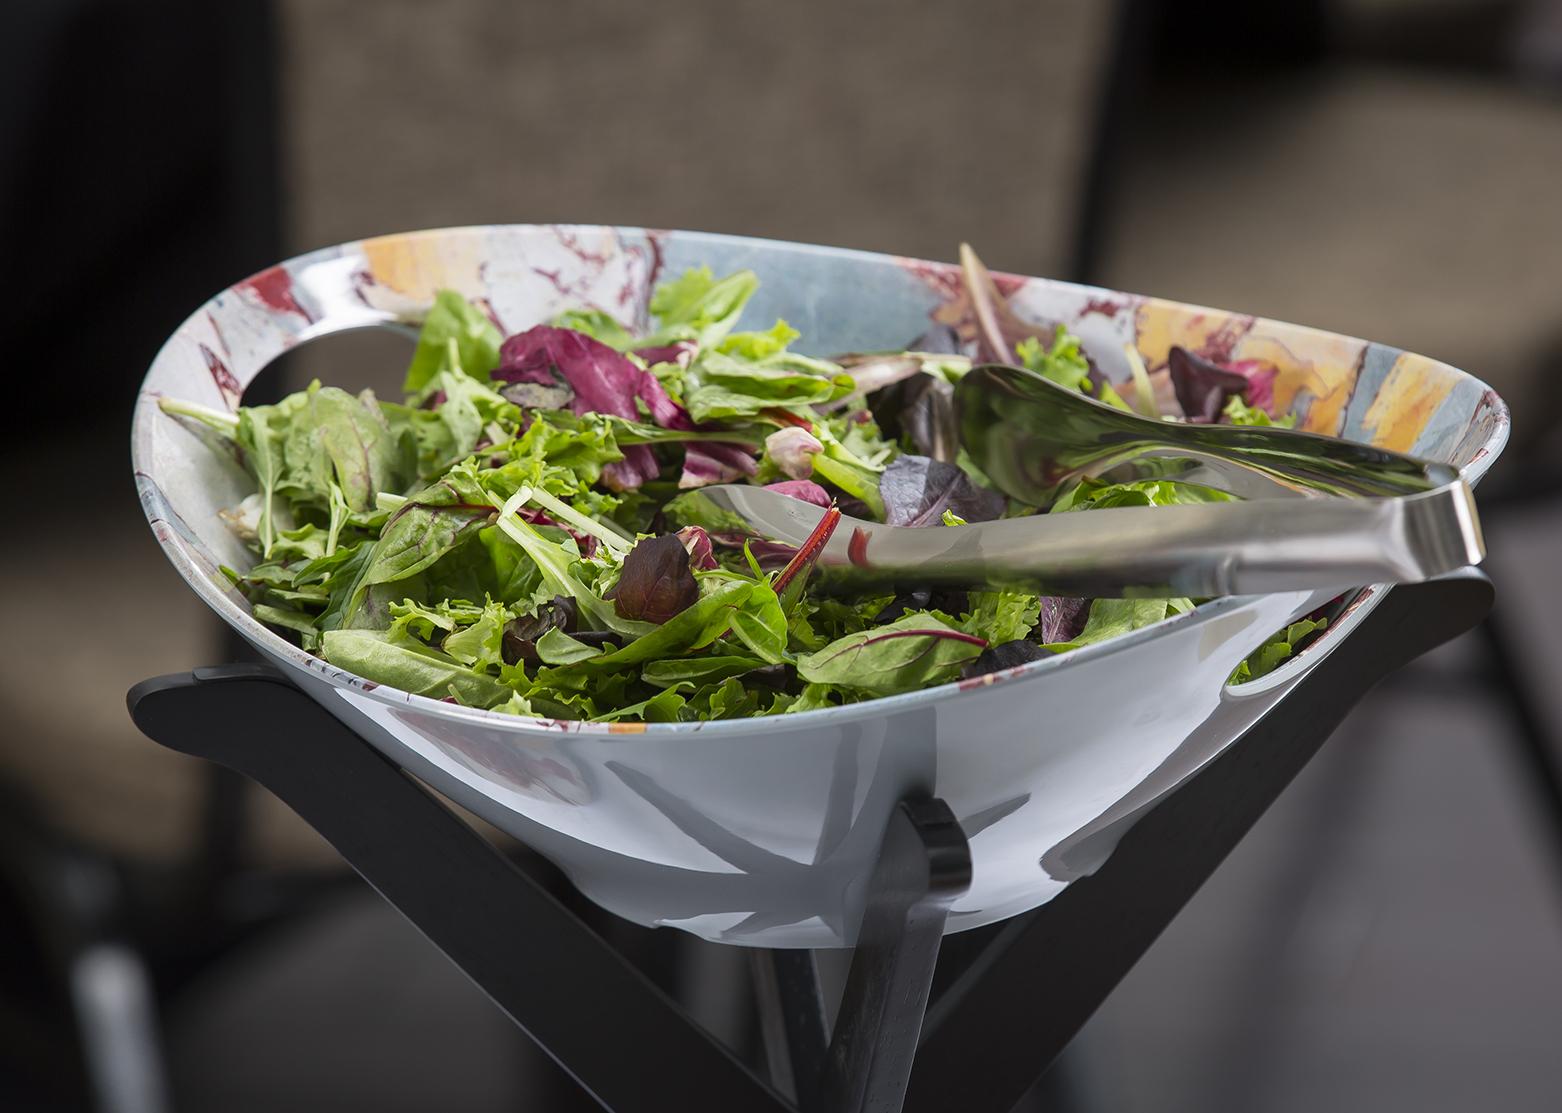 Tong in salad bowl